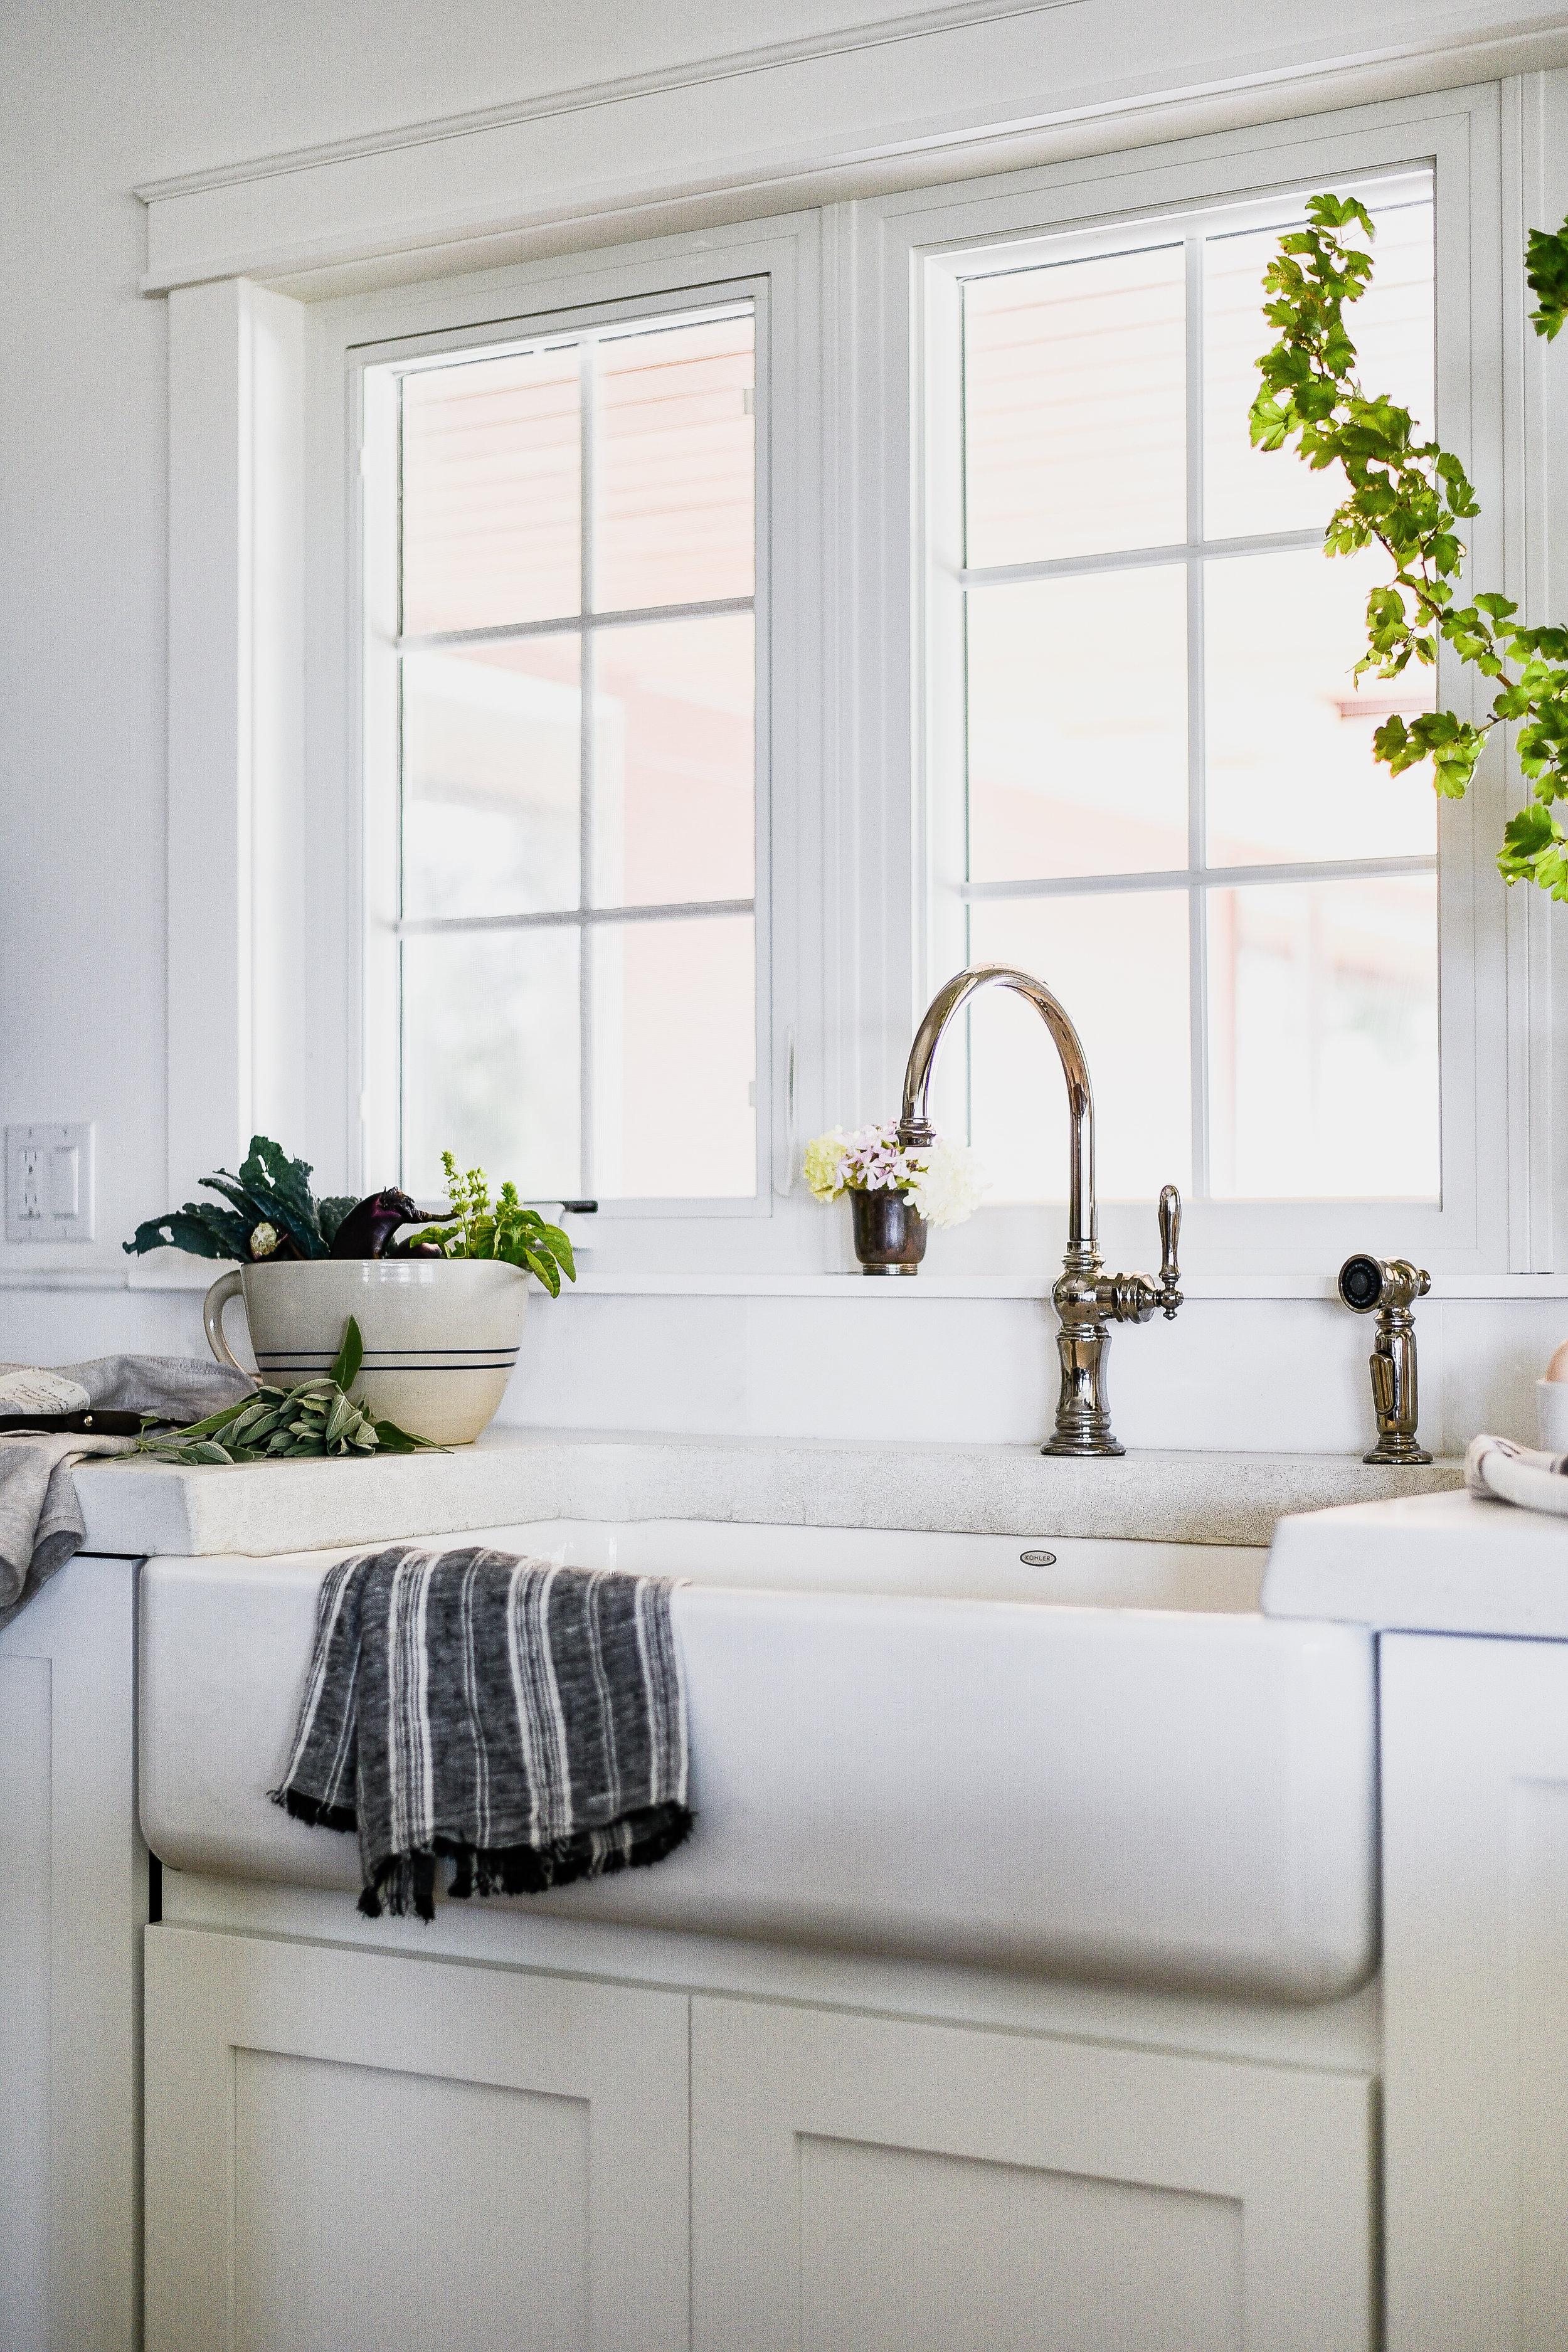 Farmhouse sink with antique faucet & concrete countertops | boxwoodavenue.com